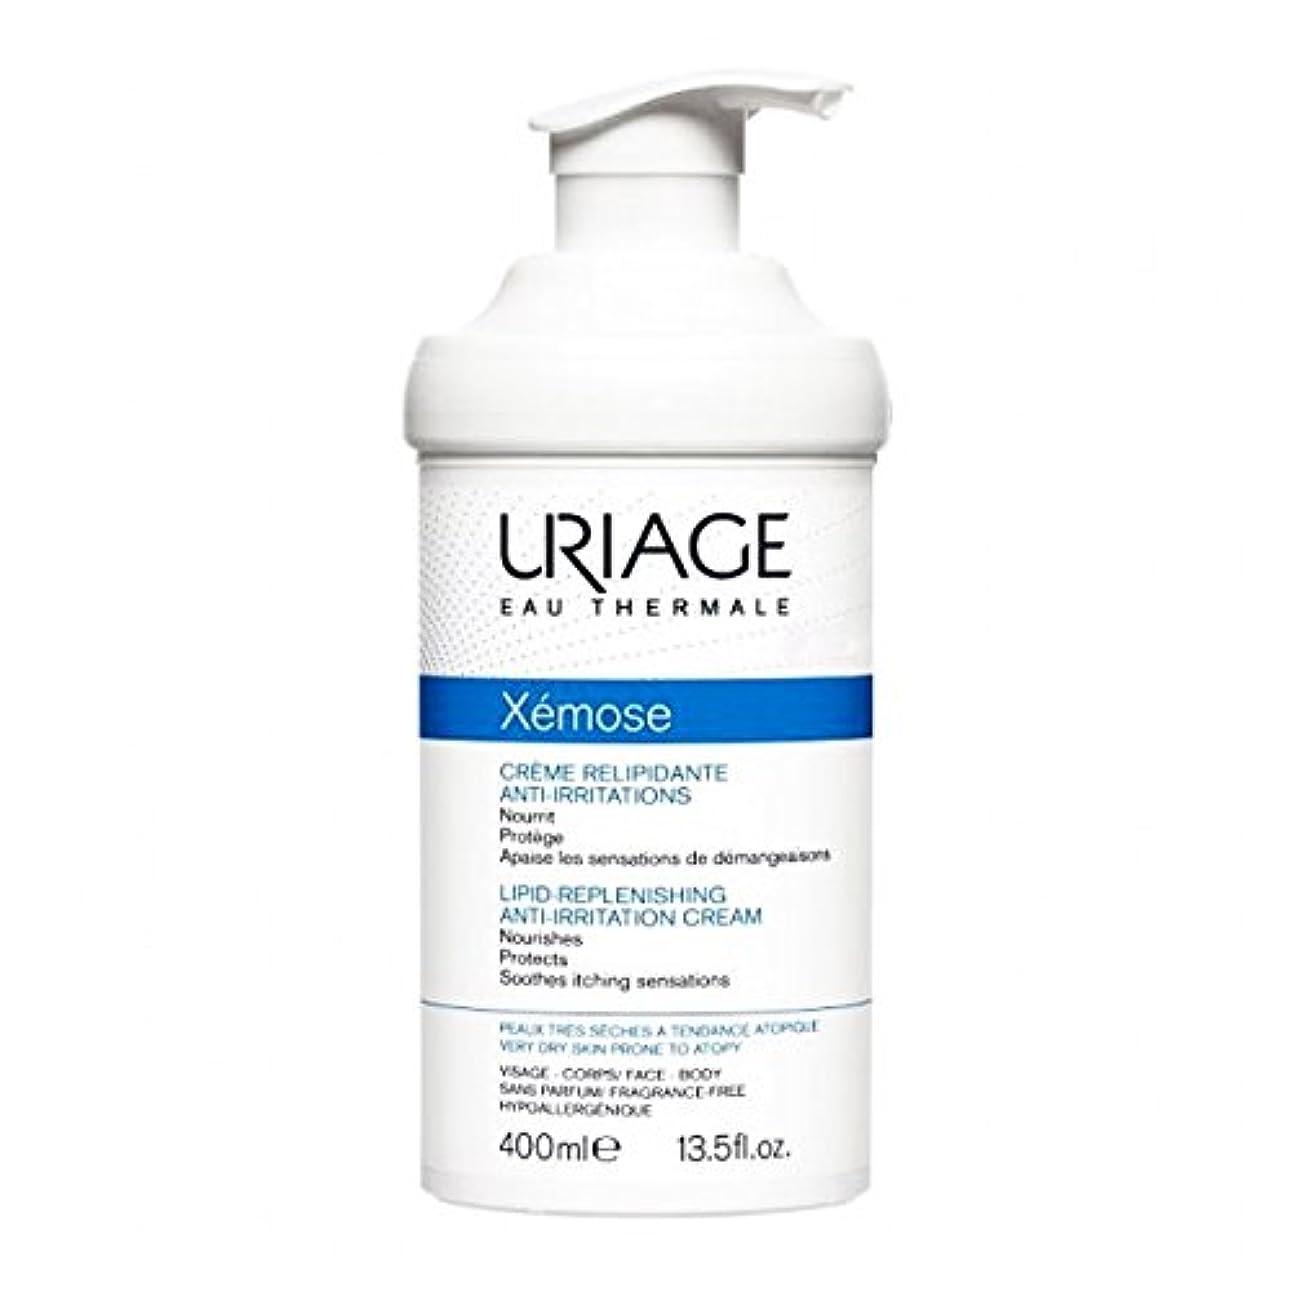 メンテナンス資金ステープルUriage X駑ose Universal Emollient Cream 400ml [並行輸入品]